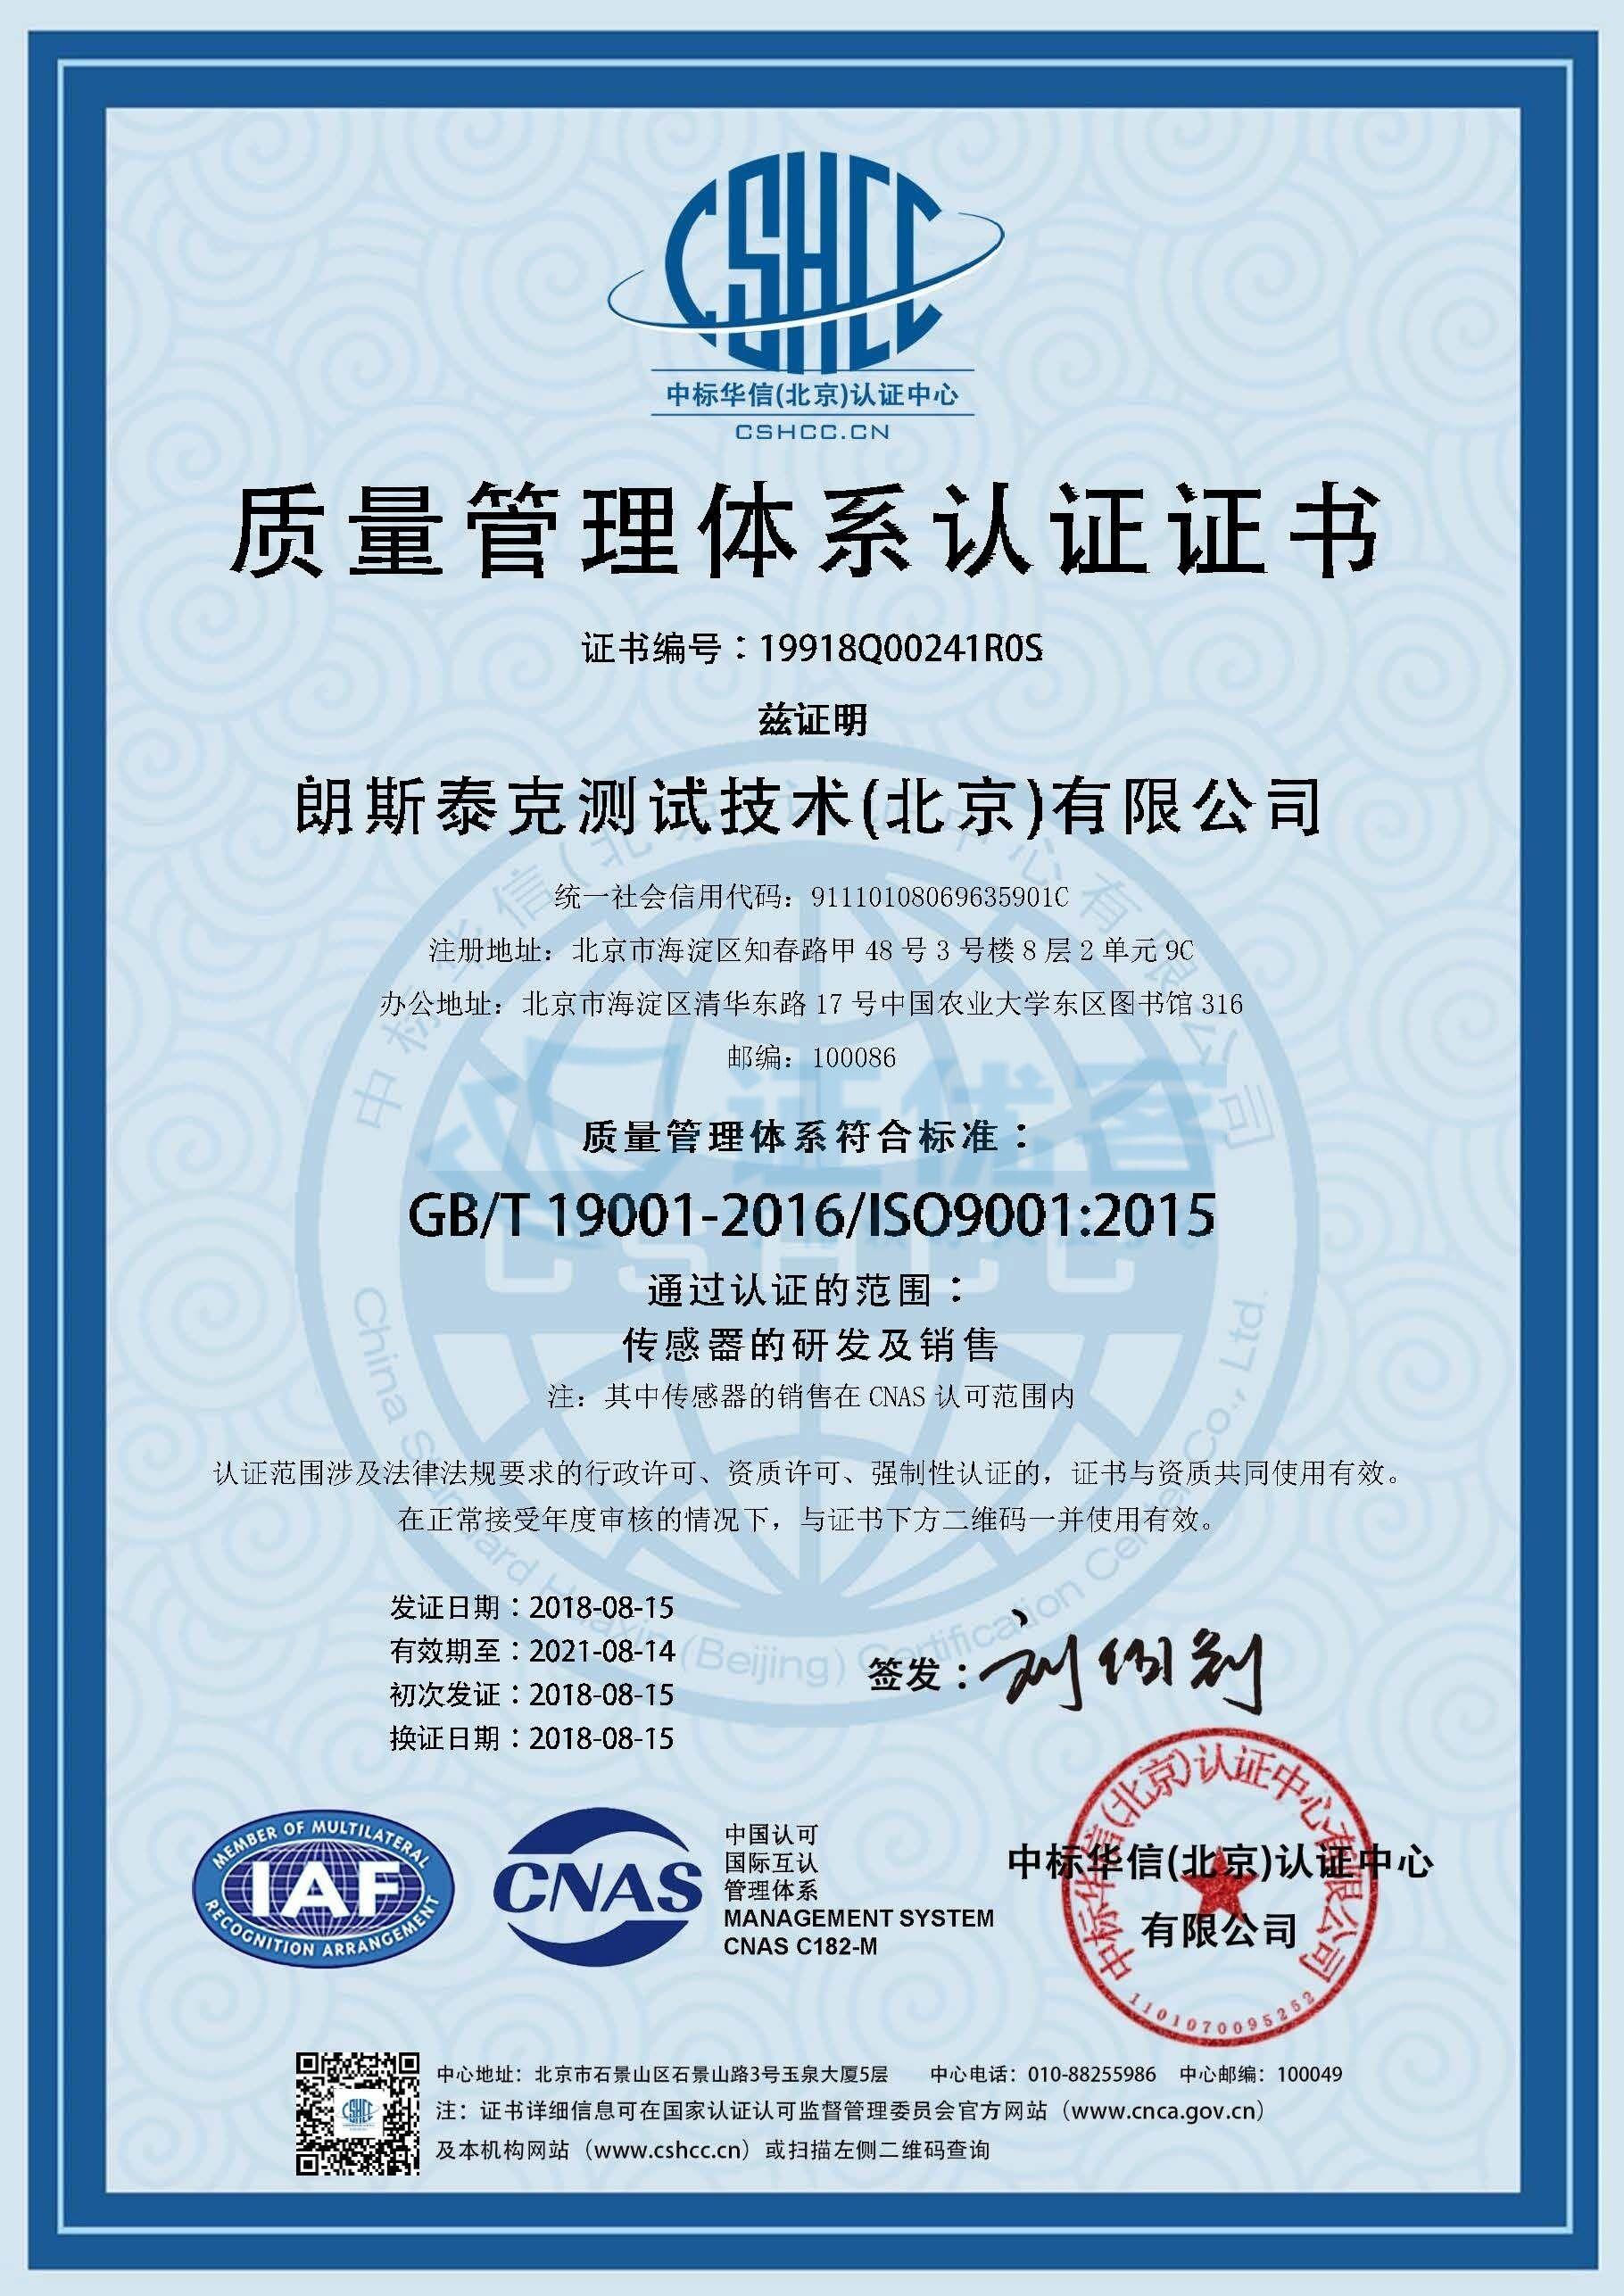 朗斯泰克质量管理体系认证证书